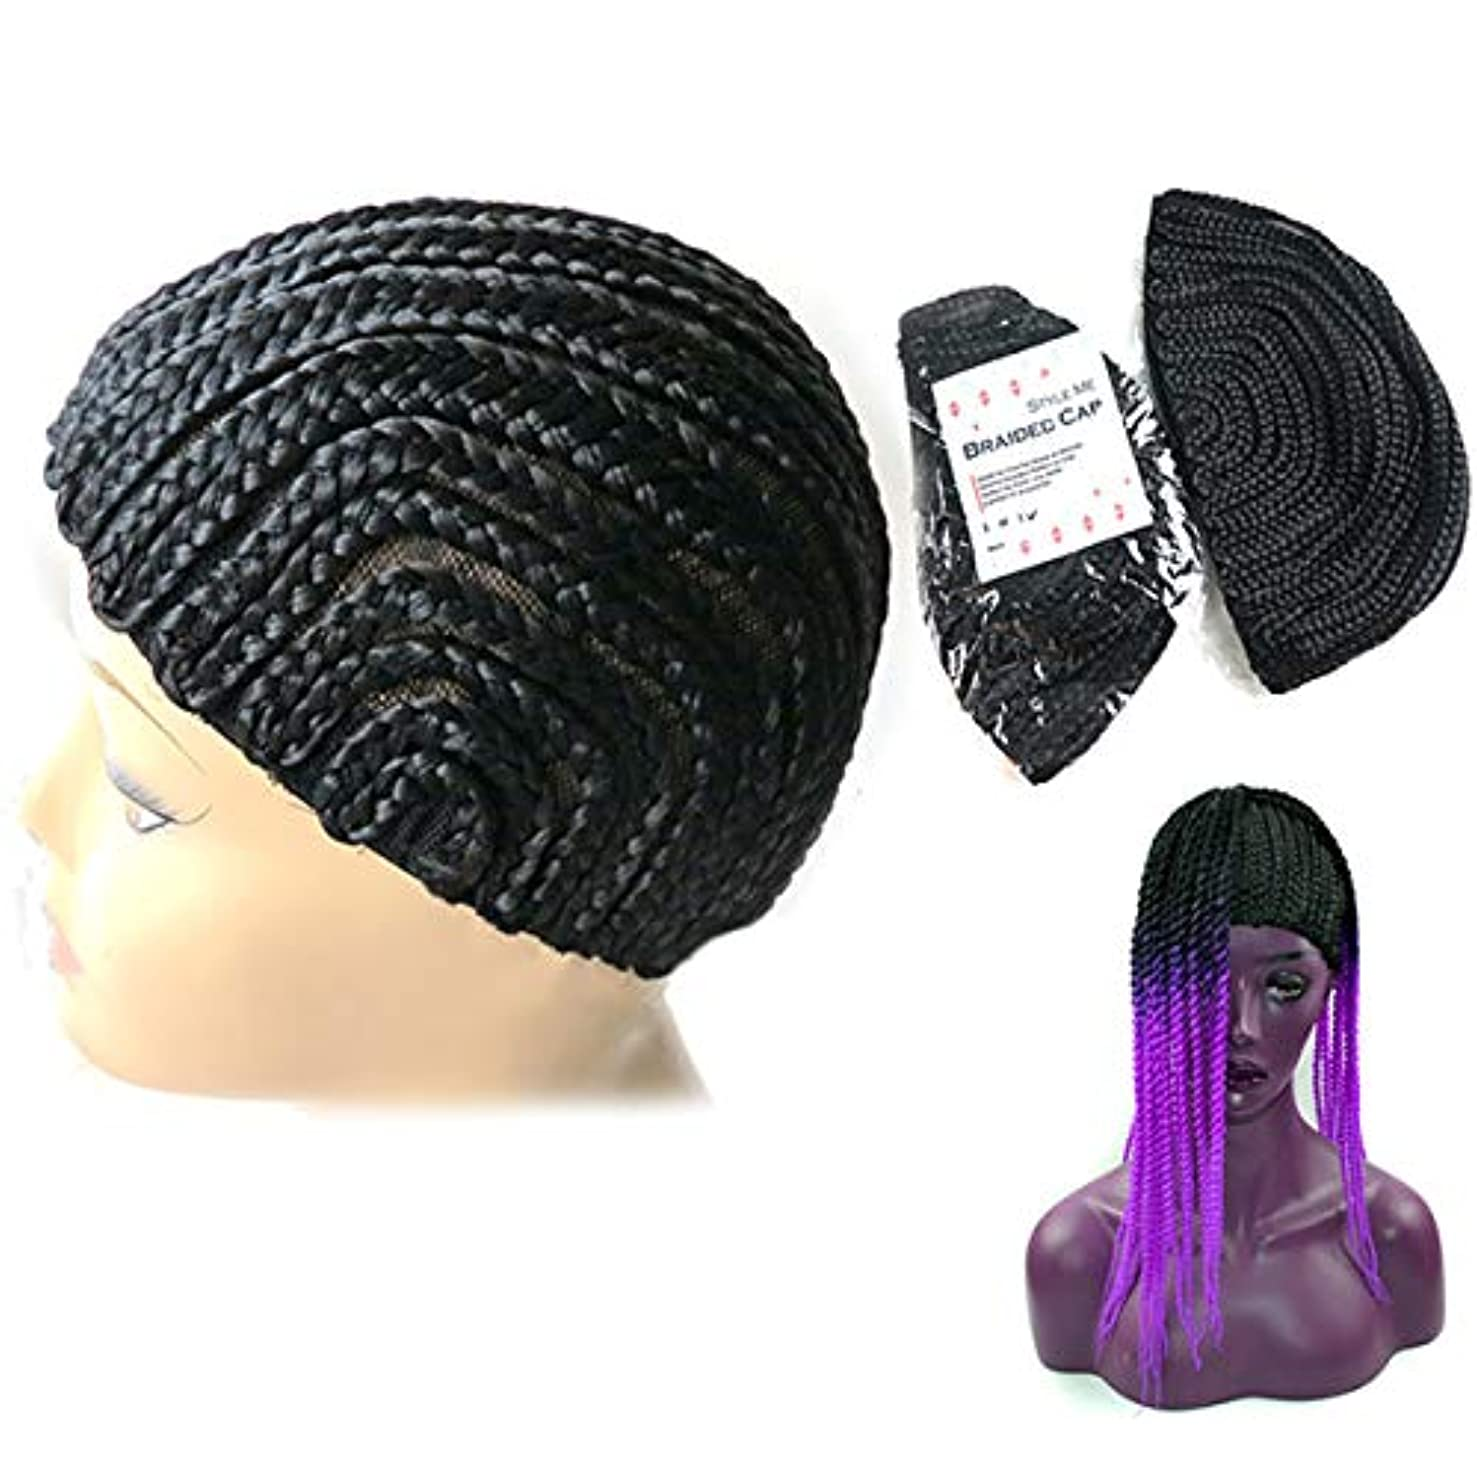 マラソンスナップ焦げYZUEYT 弾性コーンローウィッグキャップ調節可能なかぎ針編み織りキャップレースヘアネットヘアスタイリングツール YZUEYT (Size : One size)